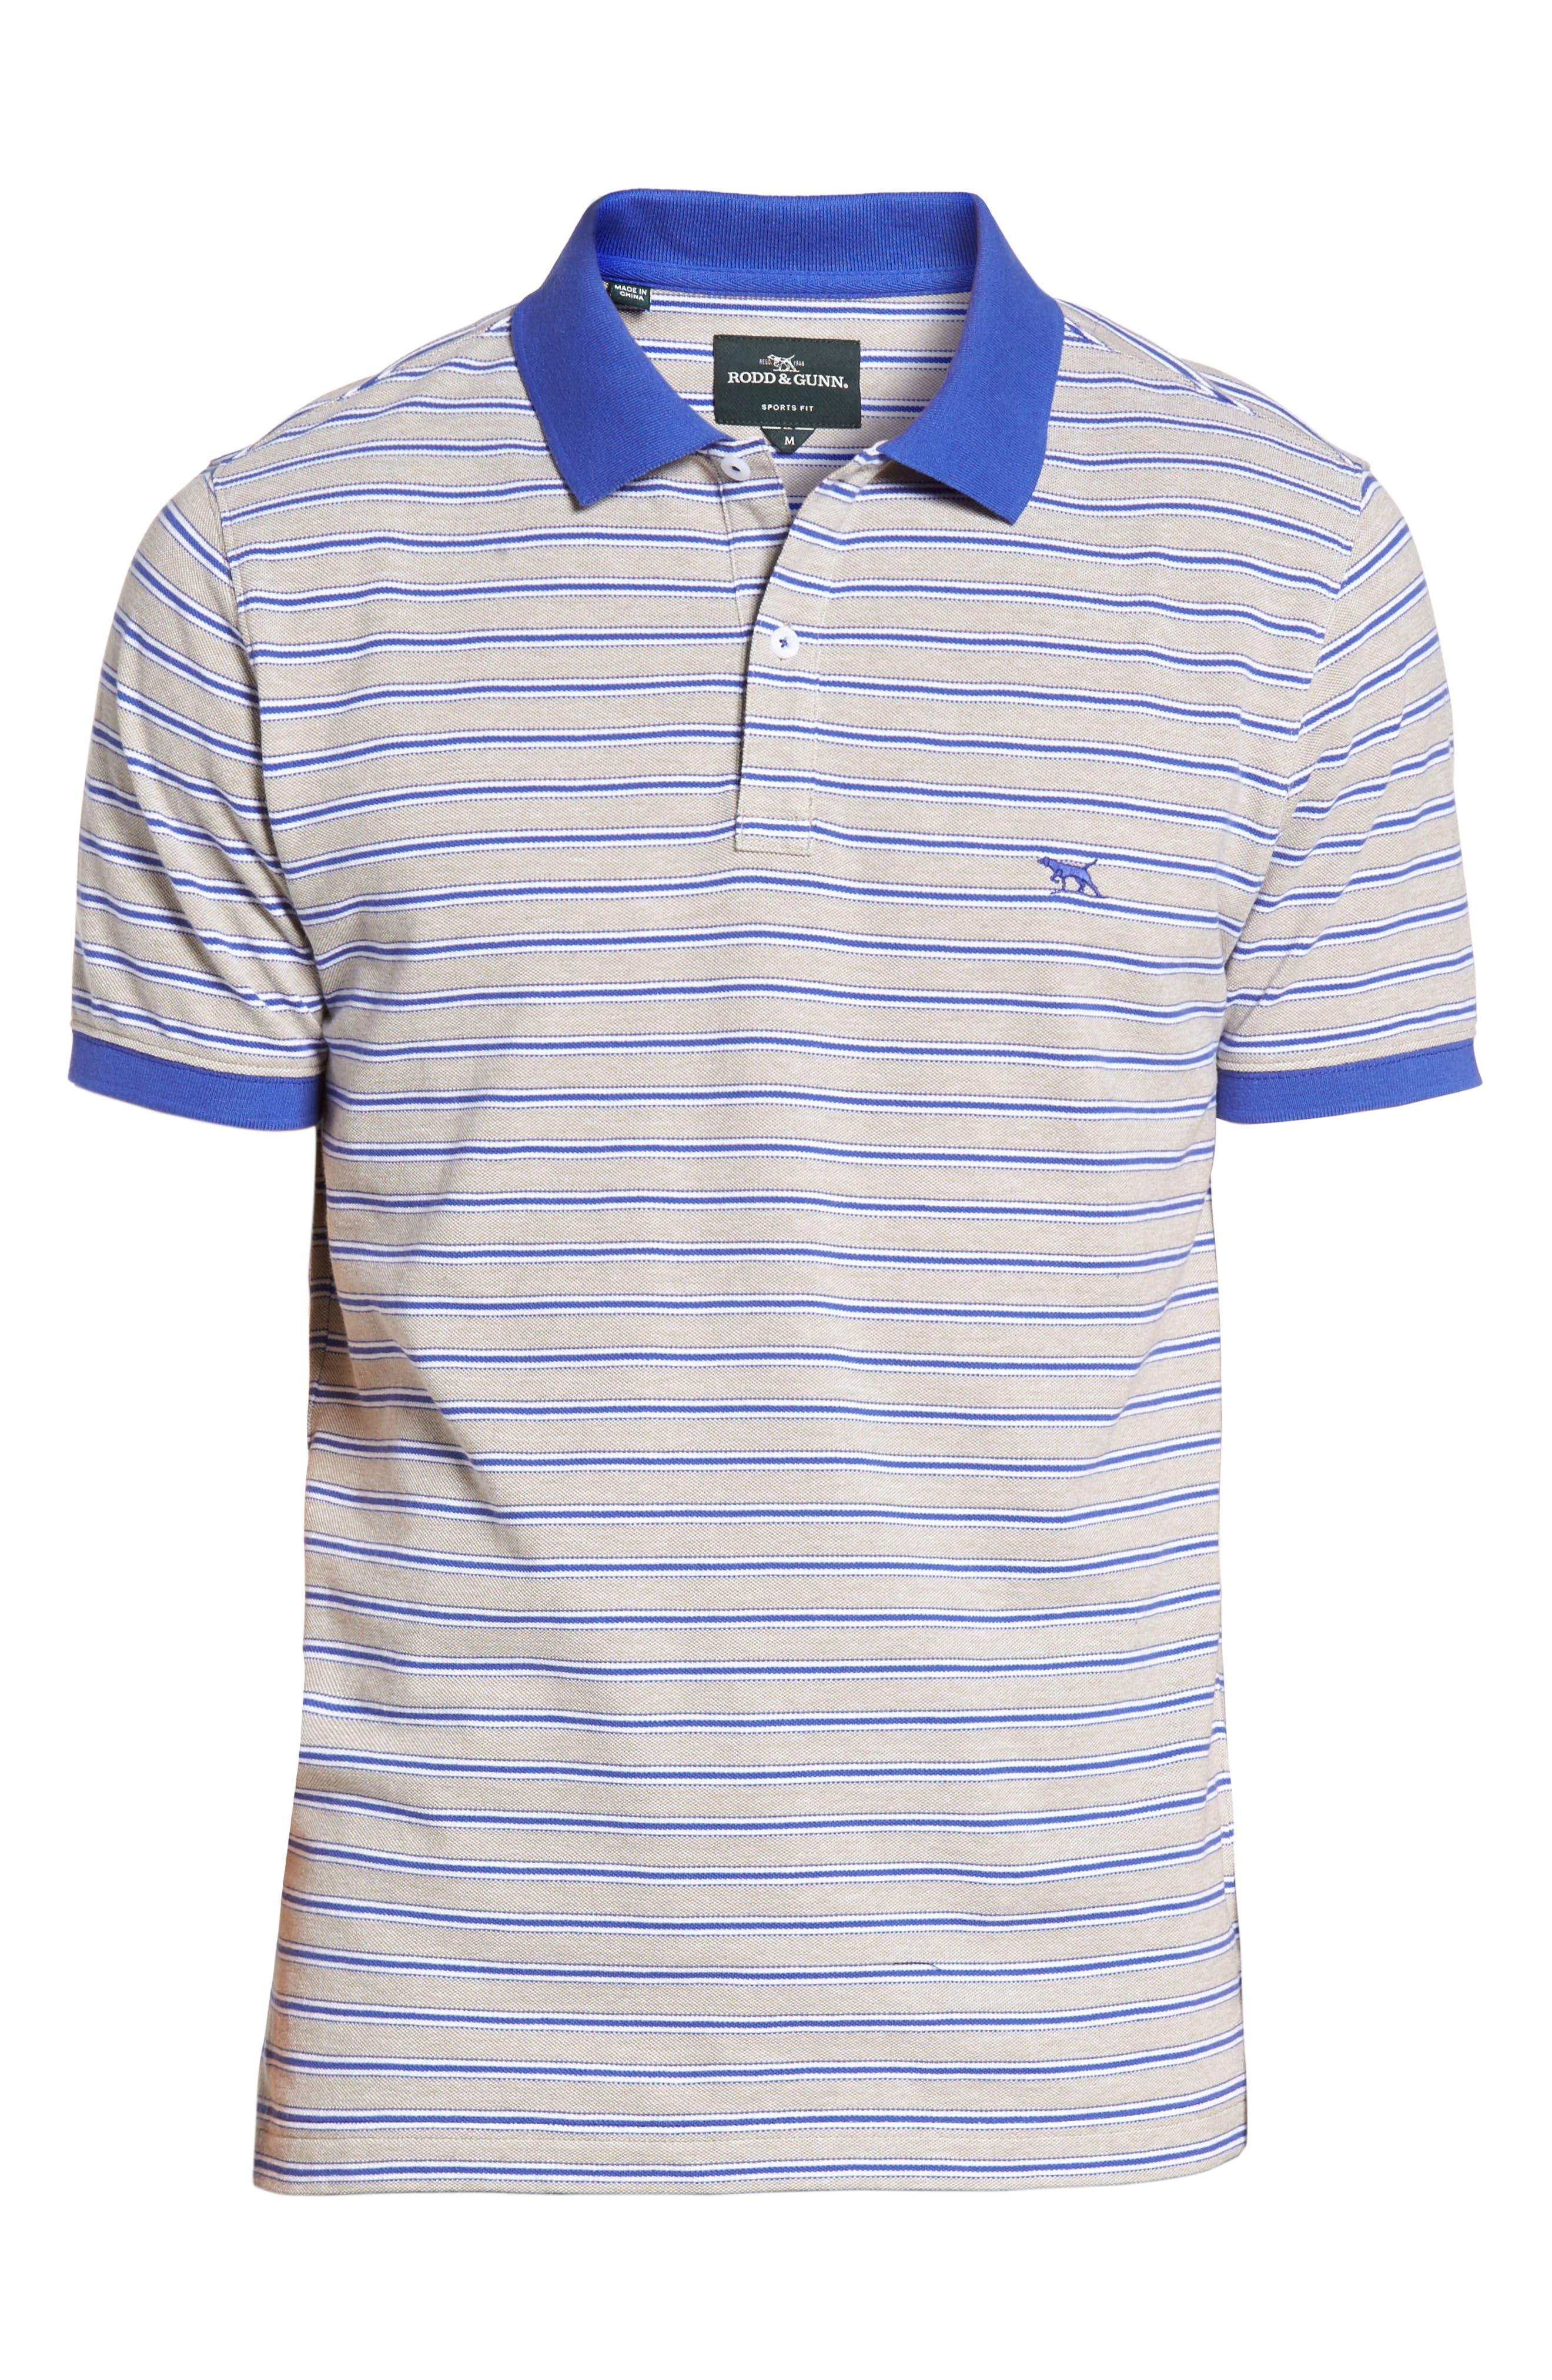 Kempthorne Sports Fit Stripe Piqué Polo,                             Alternate thumbnail 6, color,                             423